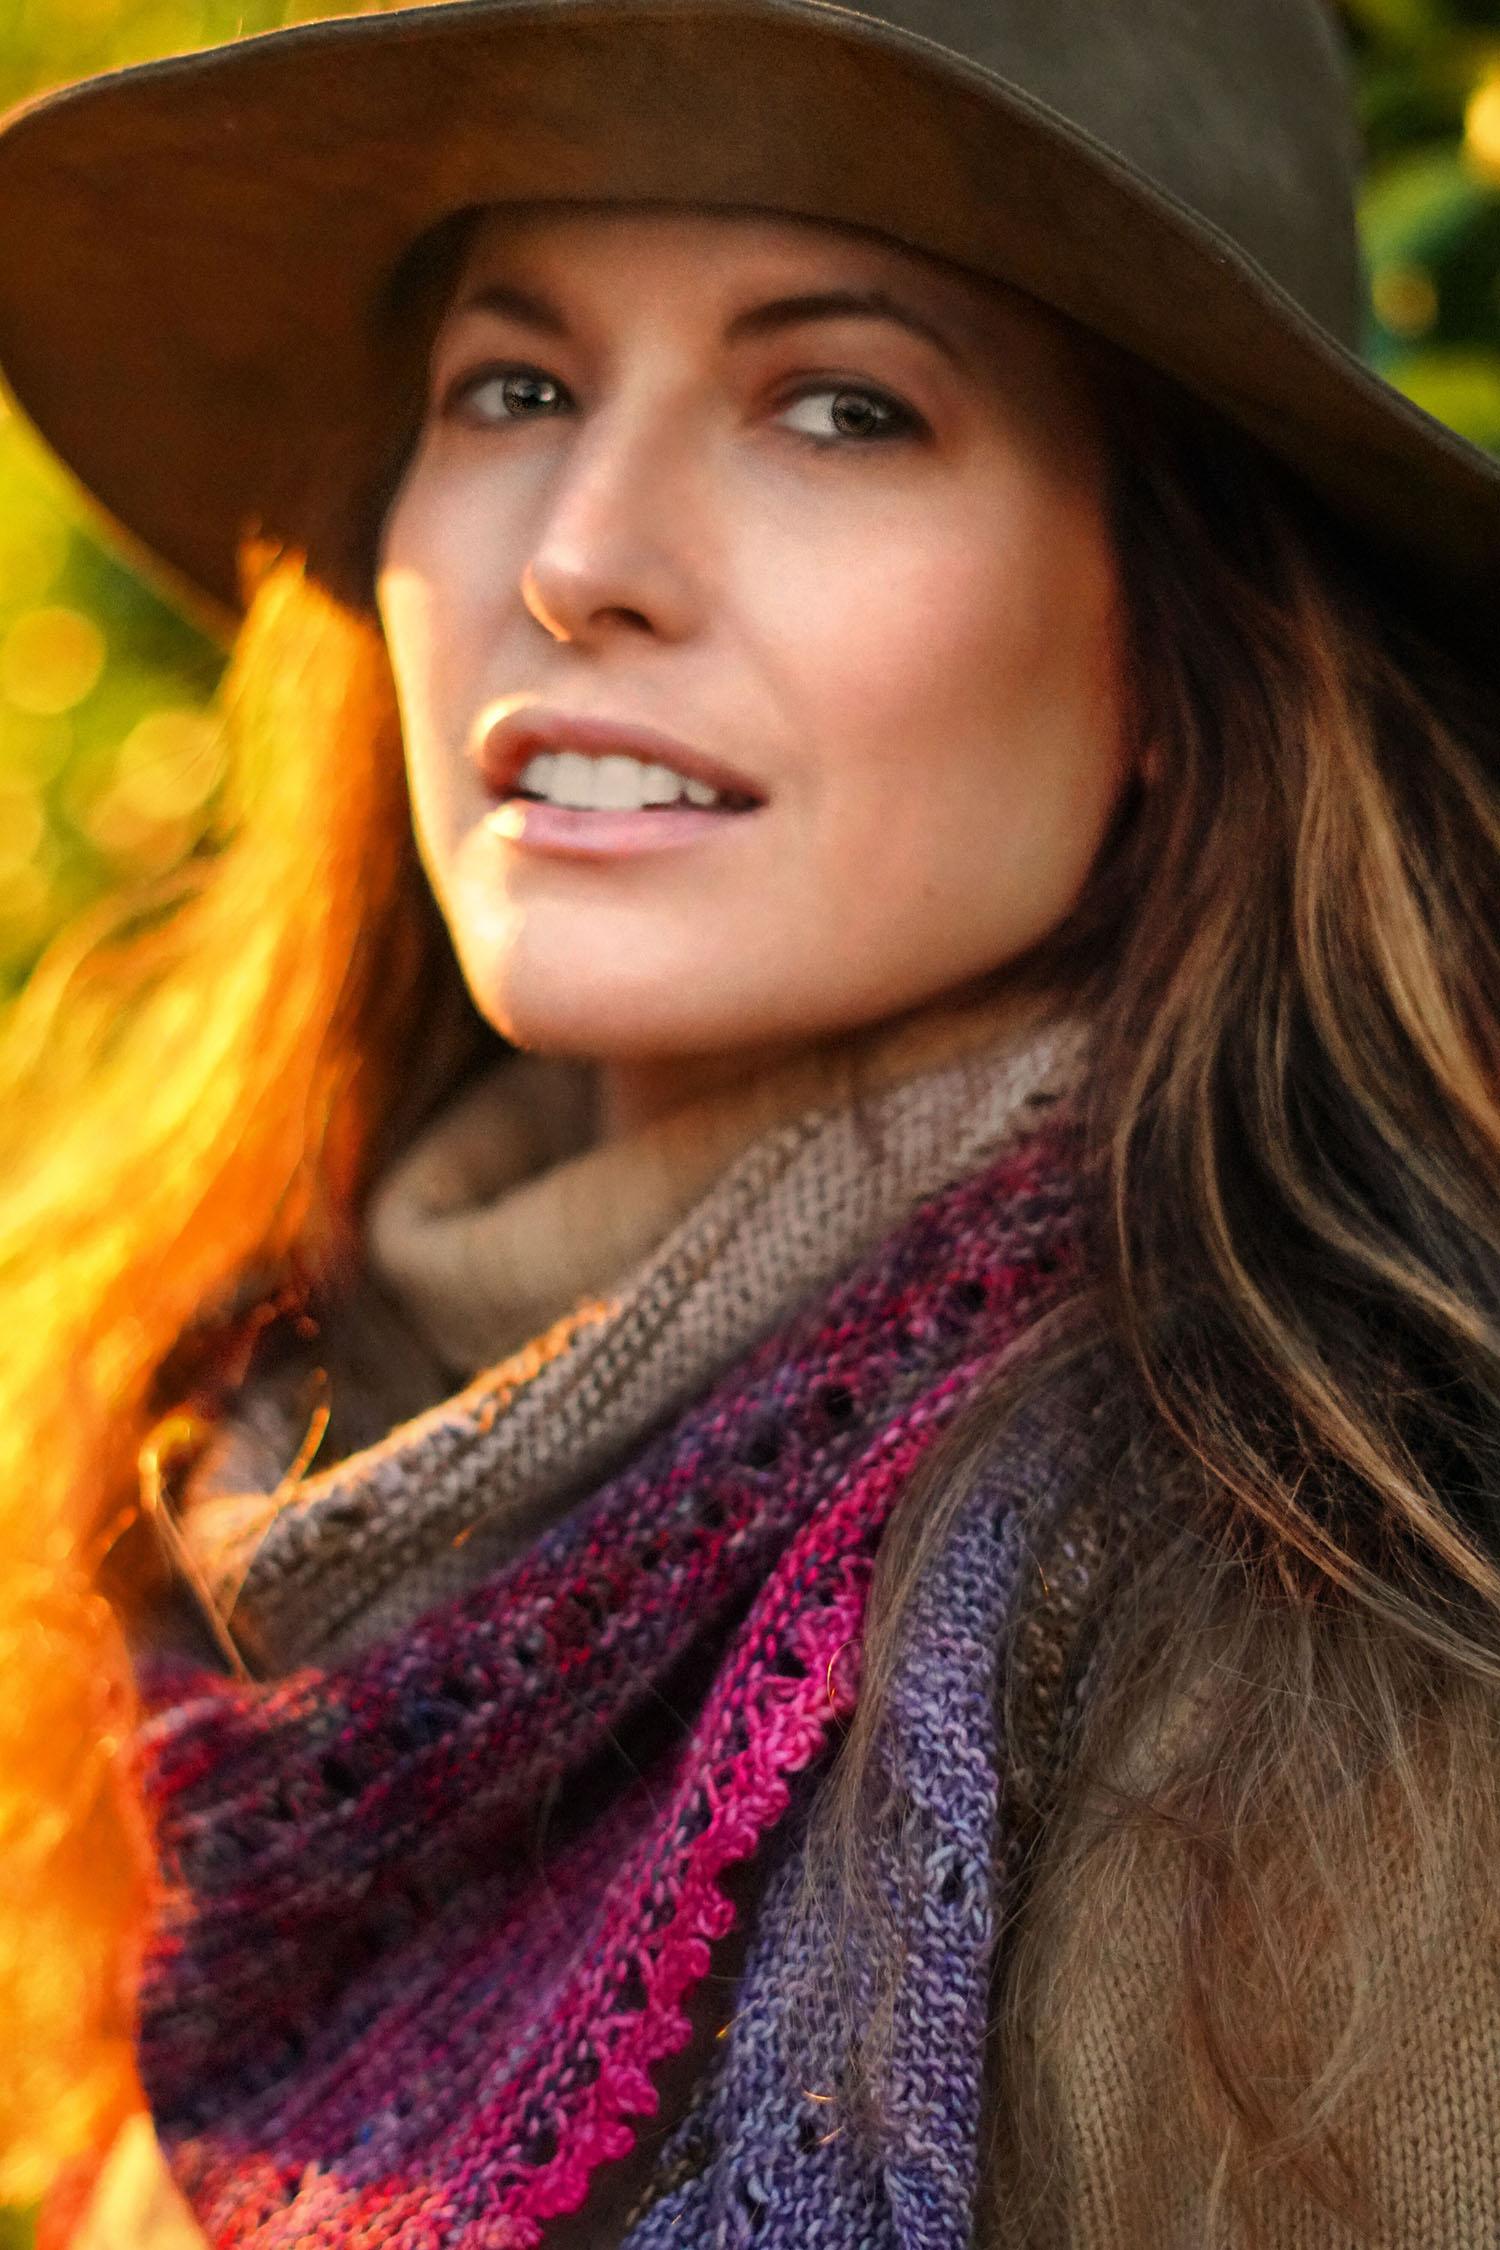 julie scarfIMG_0596.jpg